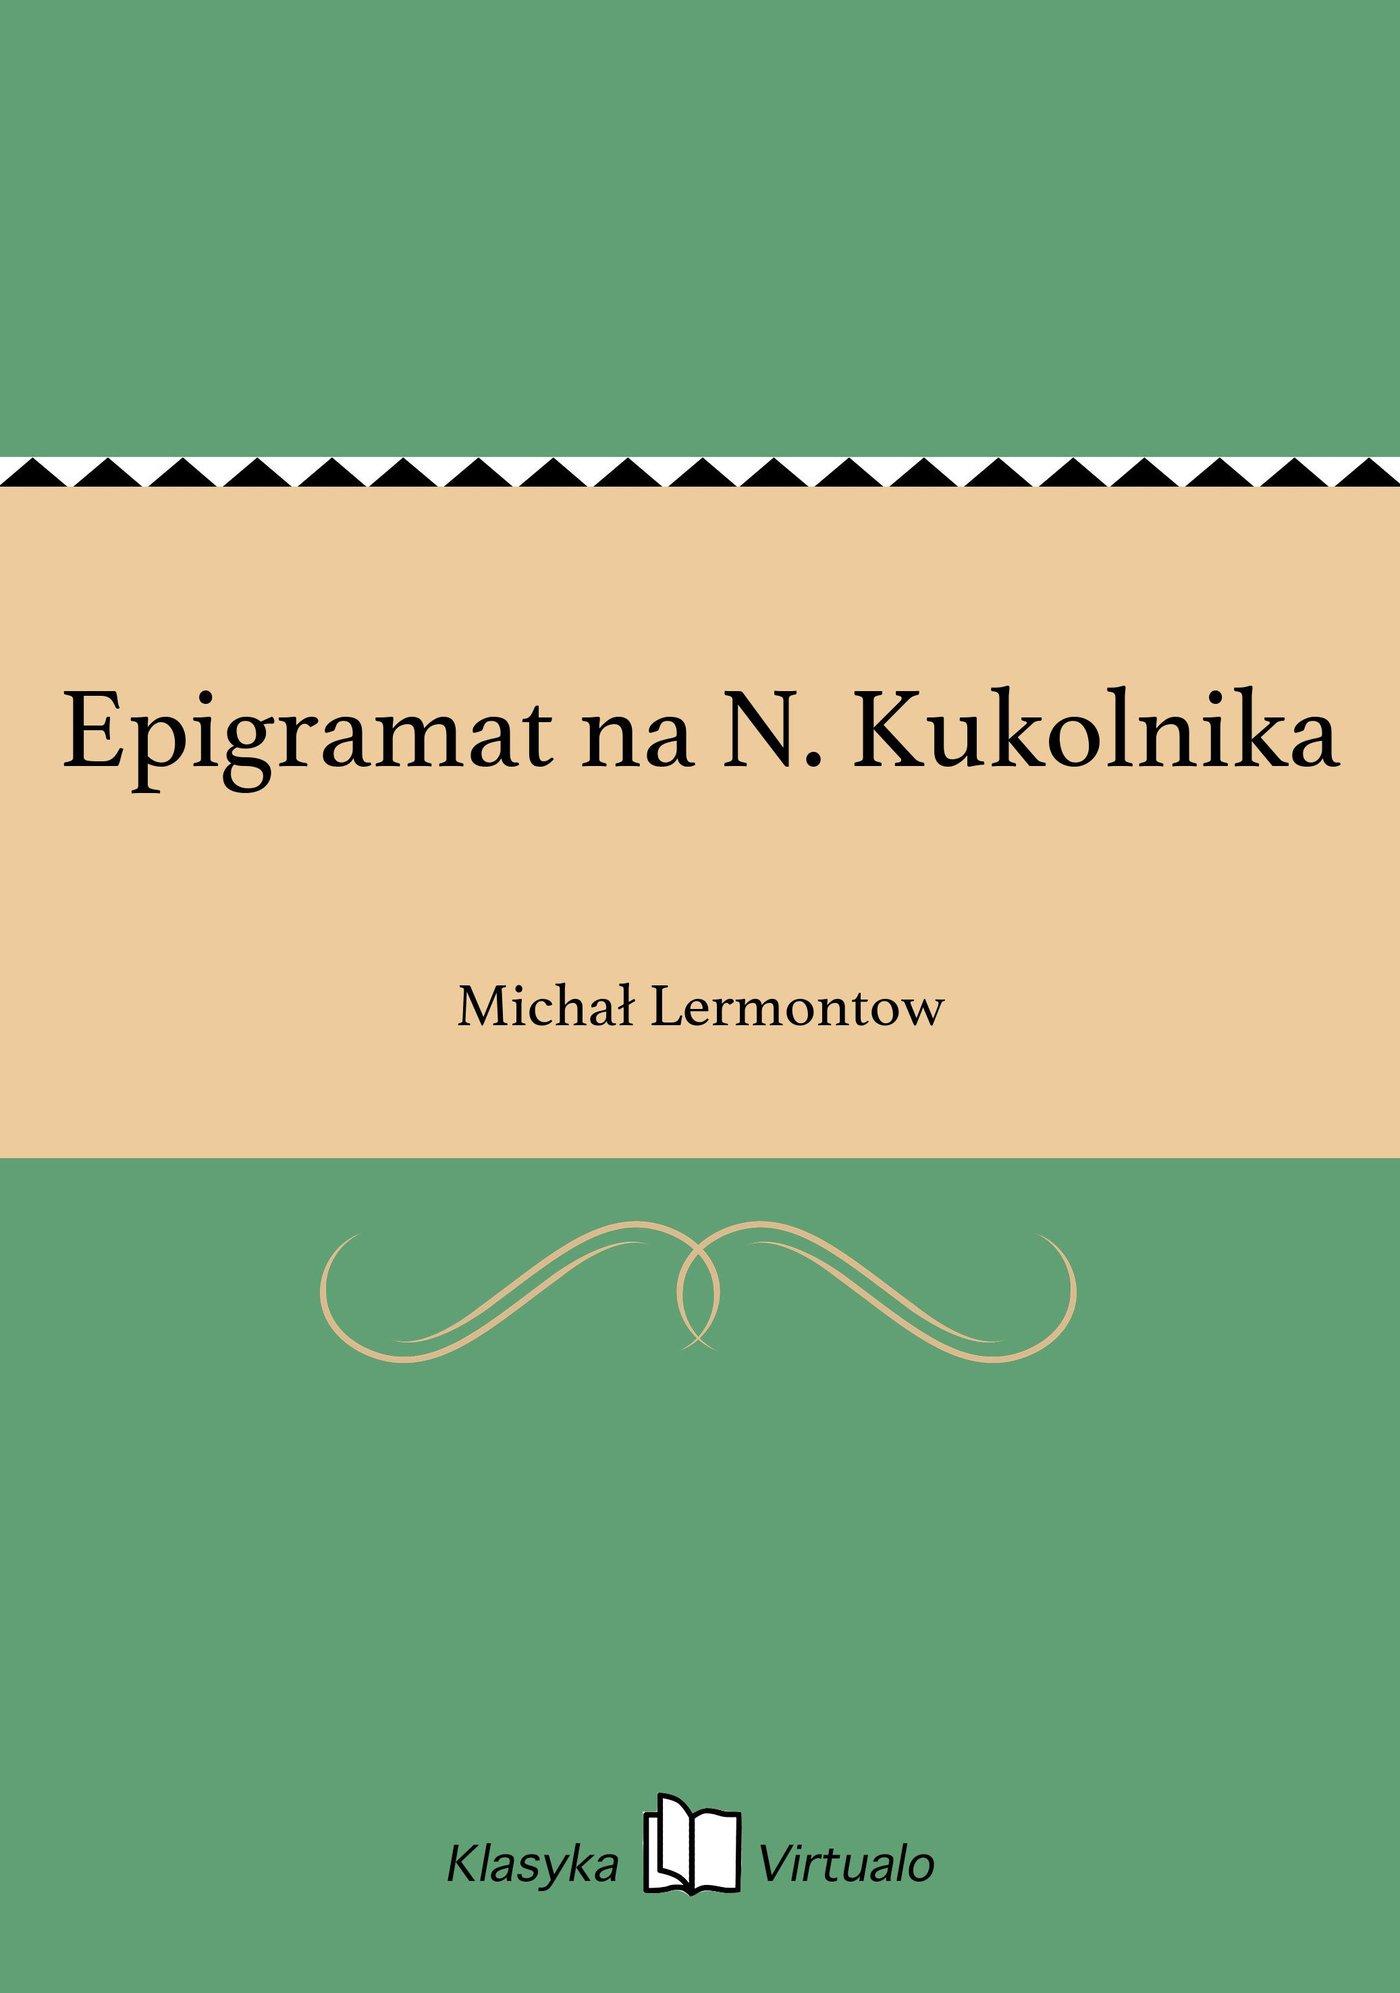 Epigramat na N. Kukolnika - Ebook (Książka EPUB) do pobrania w formacie EPUB